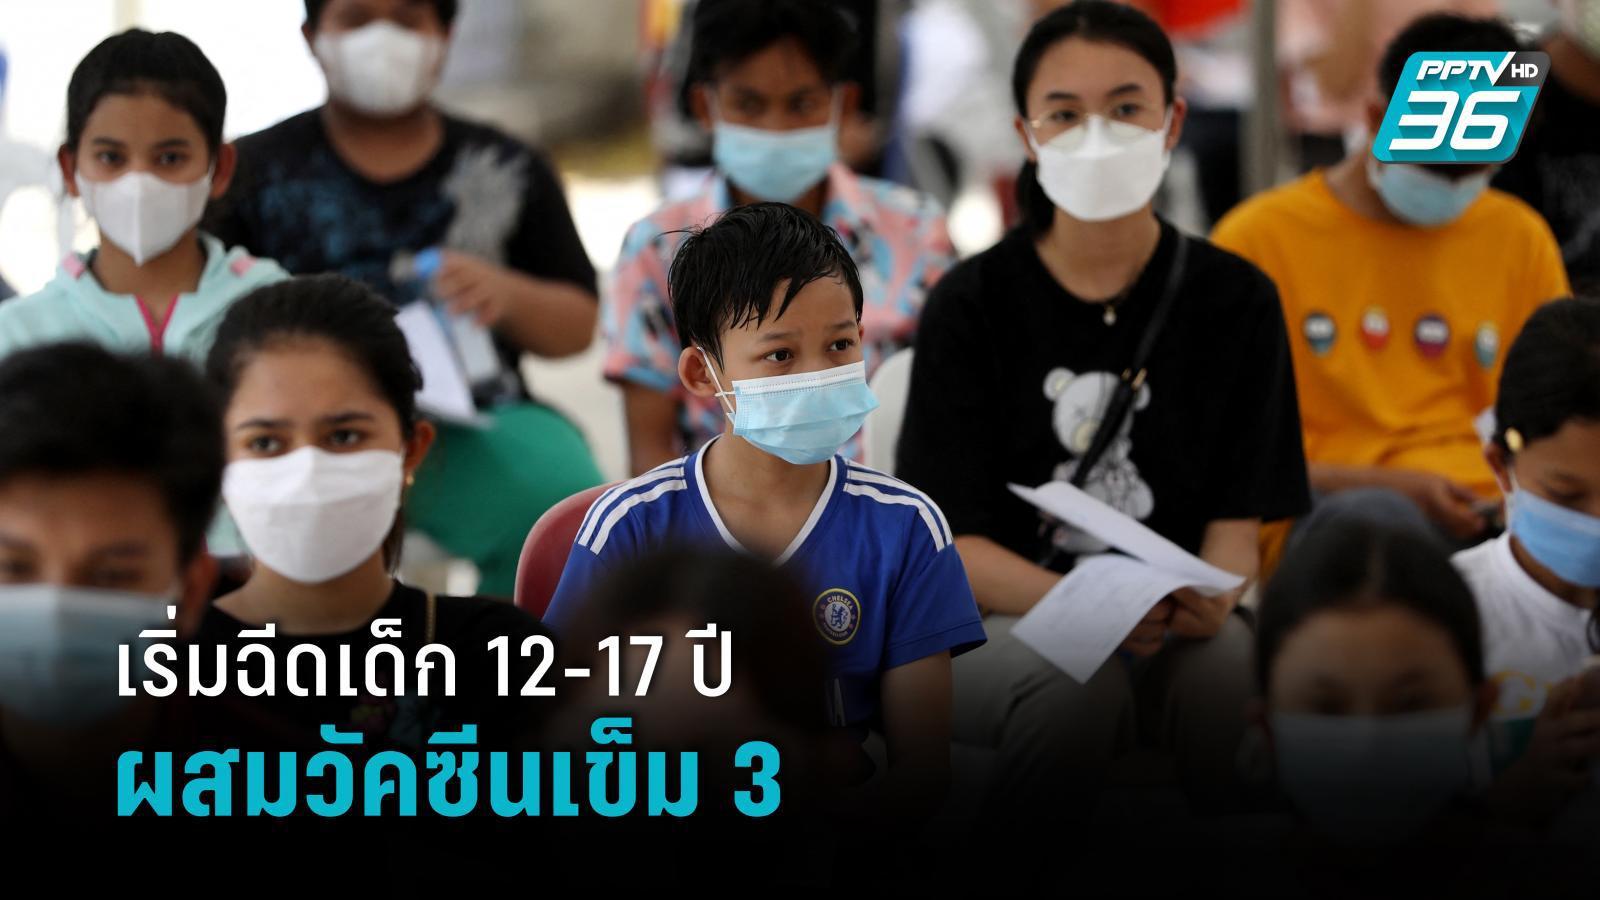 กัมพูชาเริ่มฉีดวัคซีนโควิดให้เด็ก 12-17 ปี-เล็งใช้สูตรผสมฉีดเข็ม 3